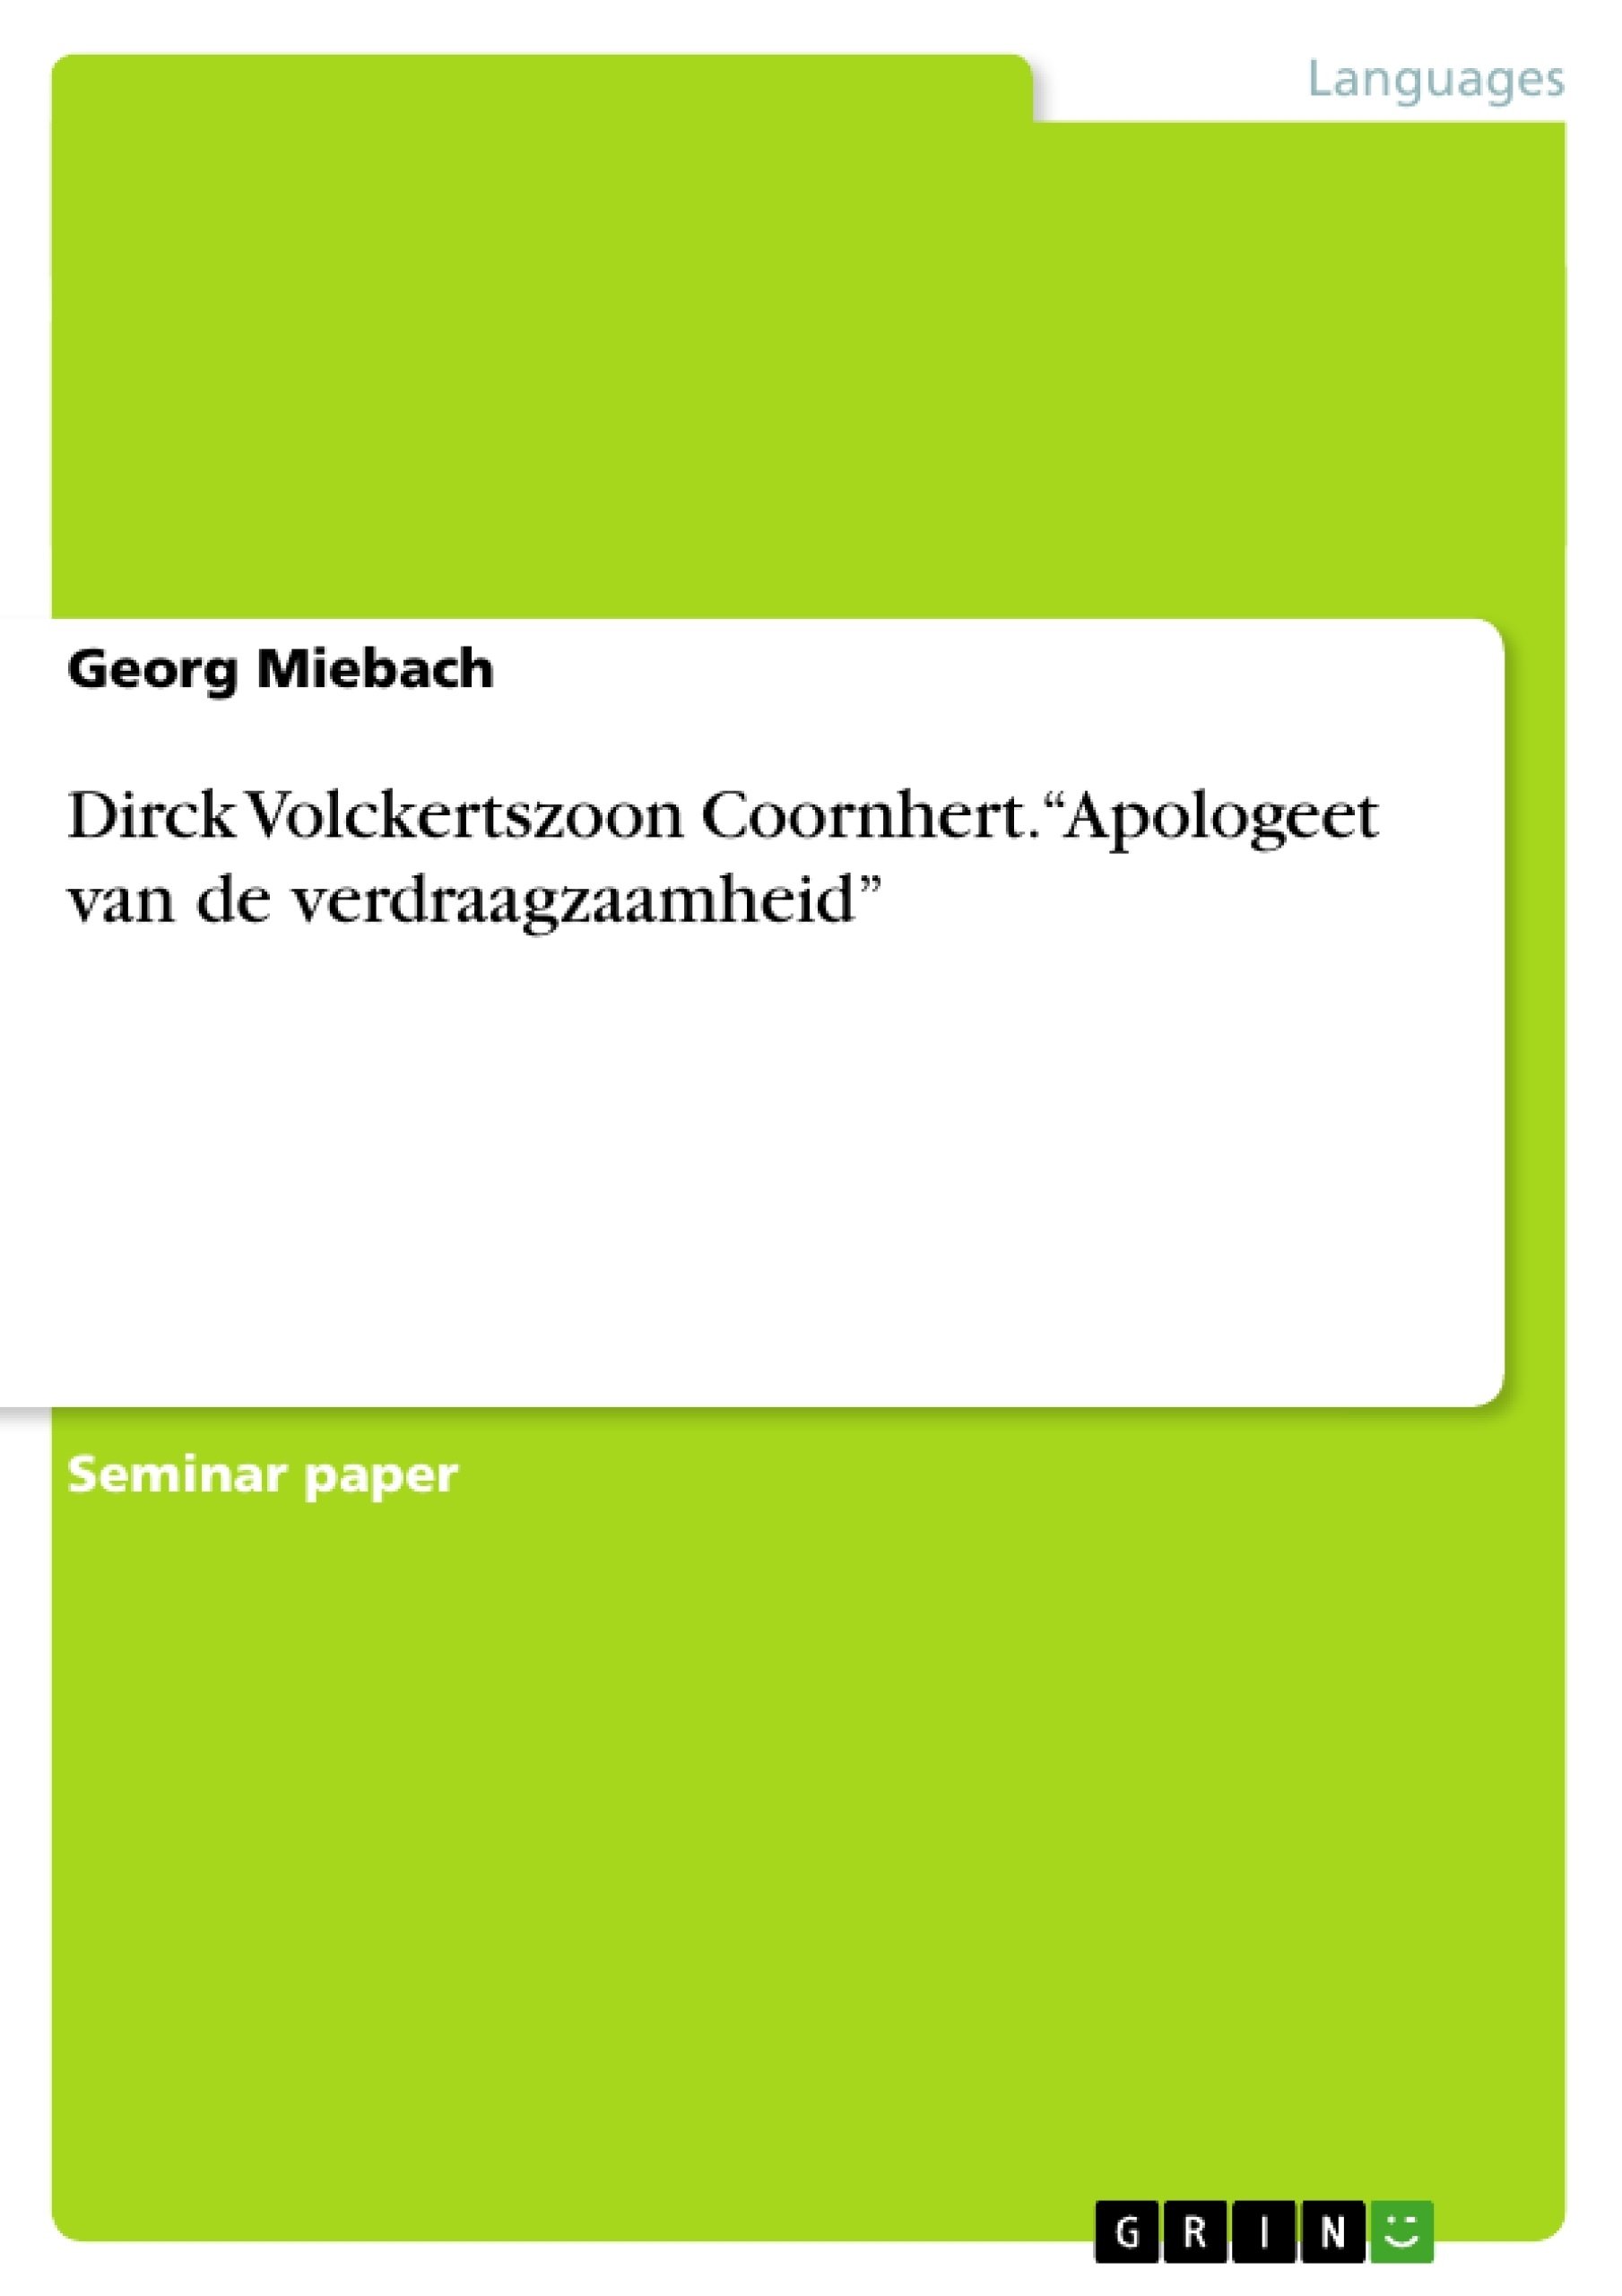 """Title: Dirck Volckertszoon Coornhert. """"Apologeet van de verdraagzaamheid"""""""